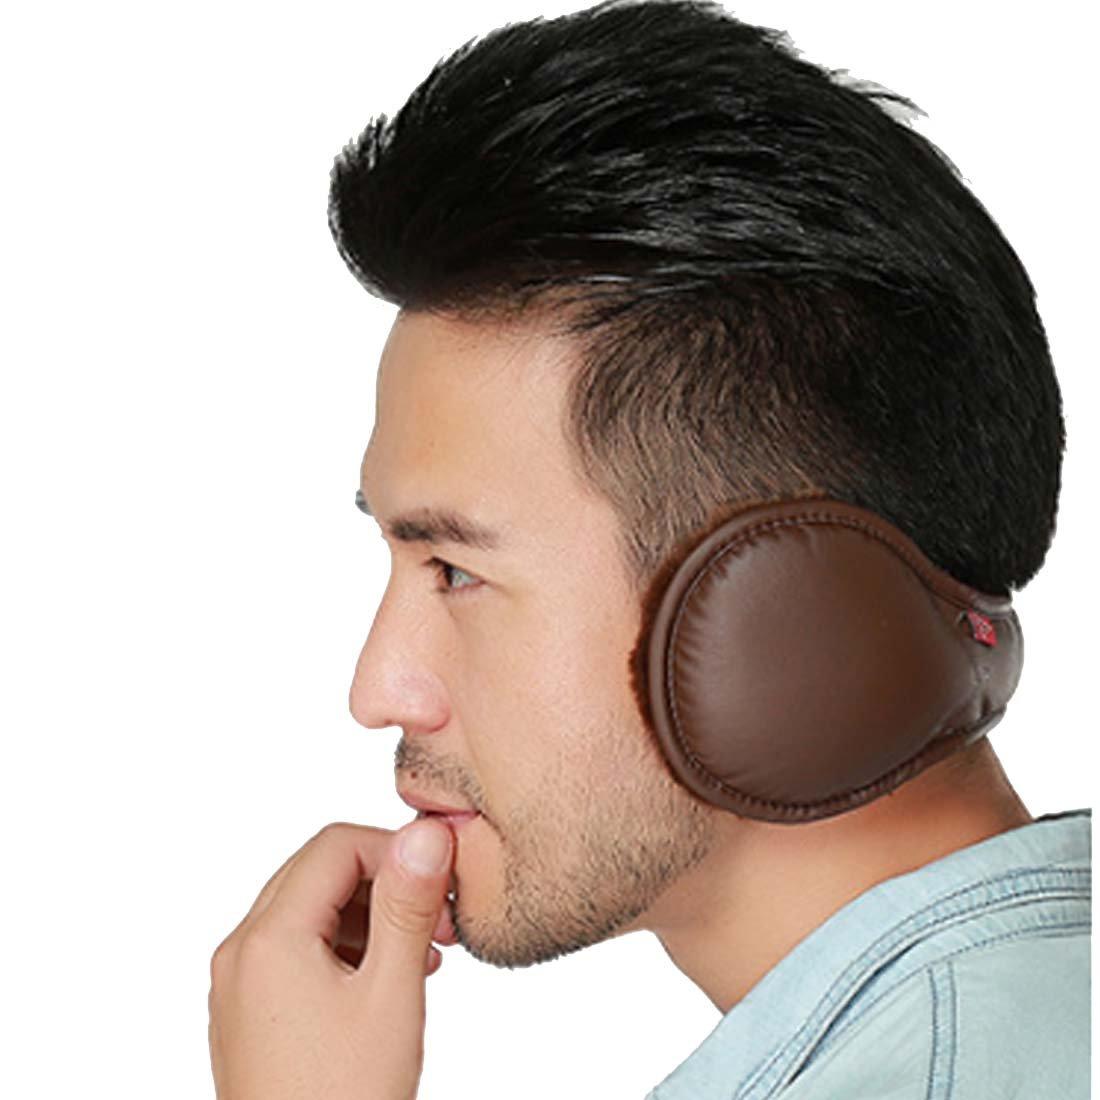 LerBen Men Women Foldable PU Leather Earmuff Winter Warm Faux Furry Behind Head Ear Warmer YN-11034